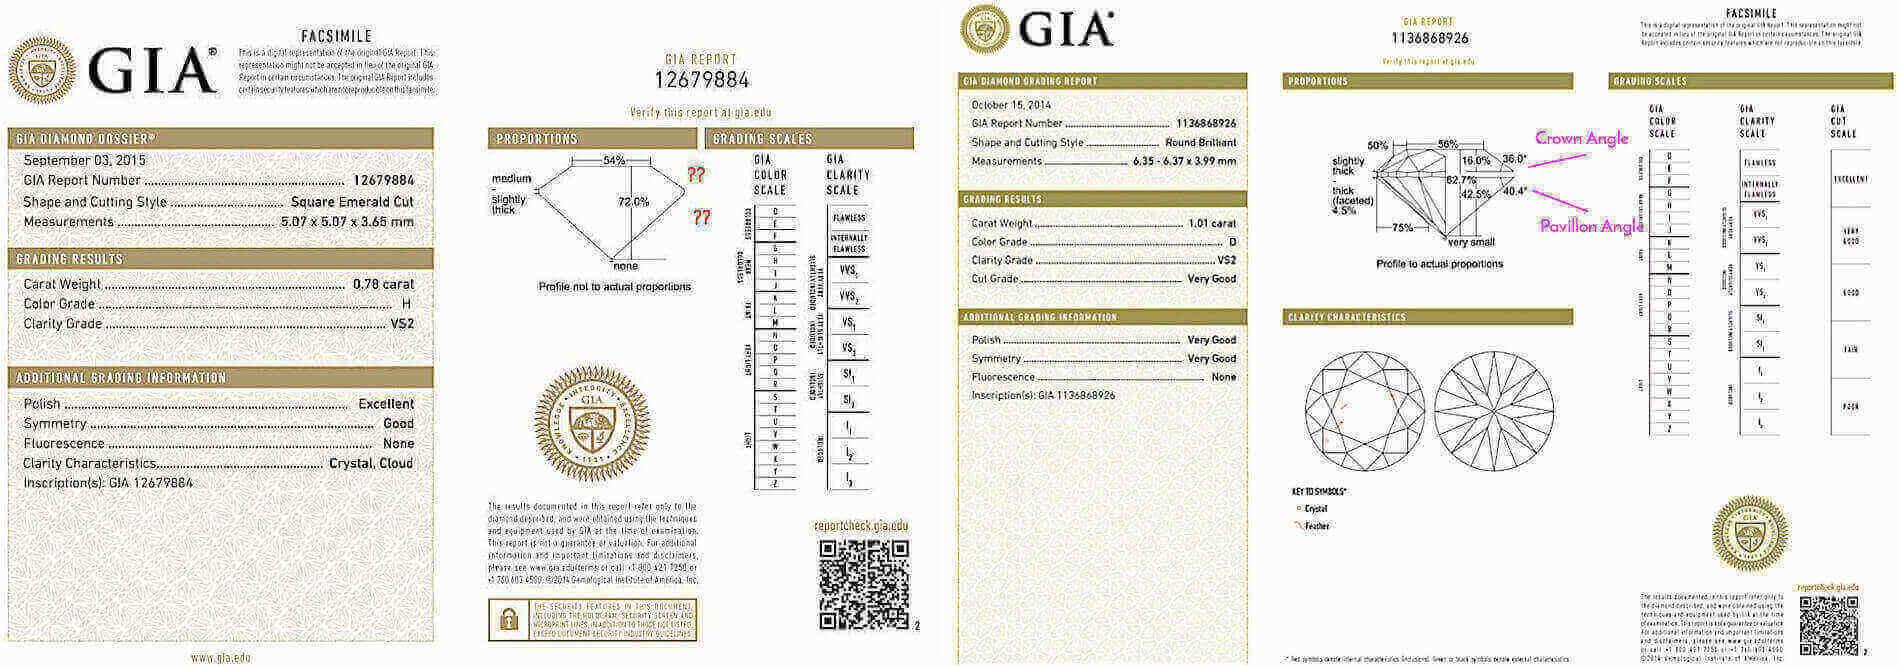 Die Auswahl von Diamanten mit Fancy-Cut, links im GIA-Dossier, sowie GIA-Zertifikat rechts mit allen Bewertungen von einem Diamanten mit Brillantschliff